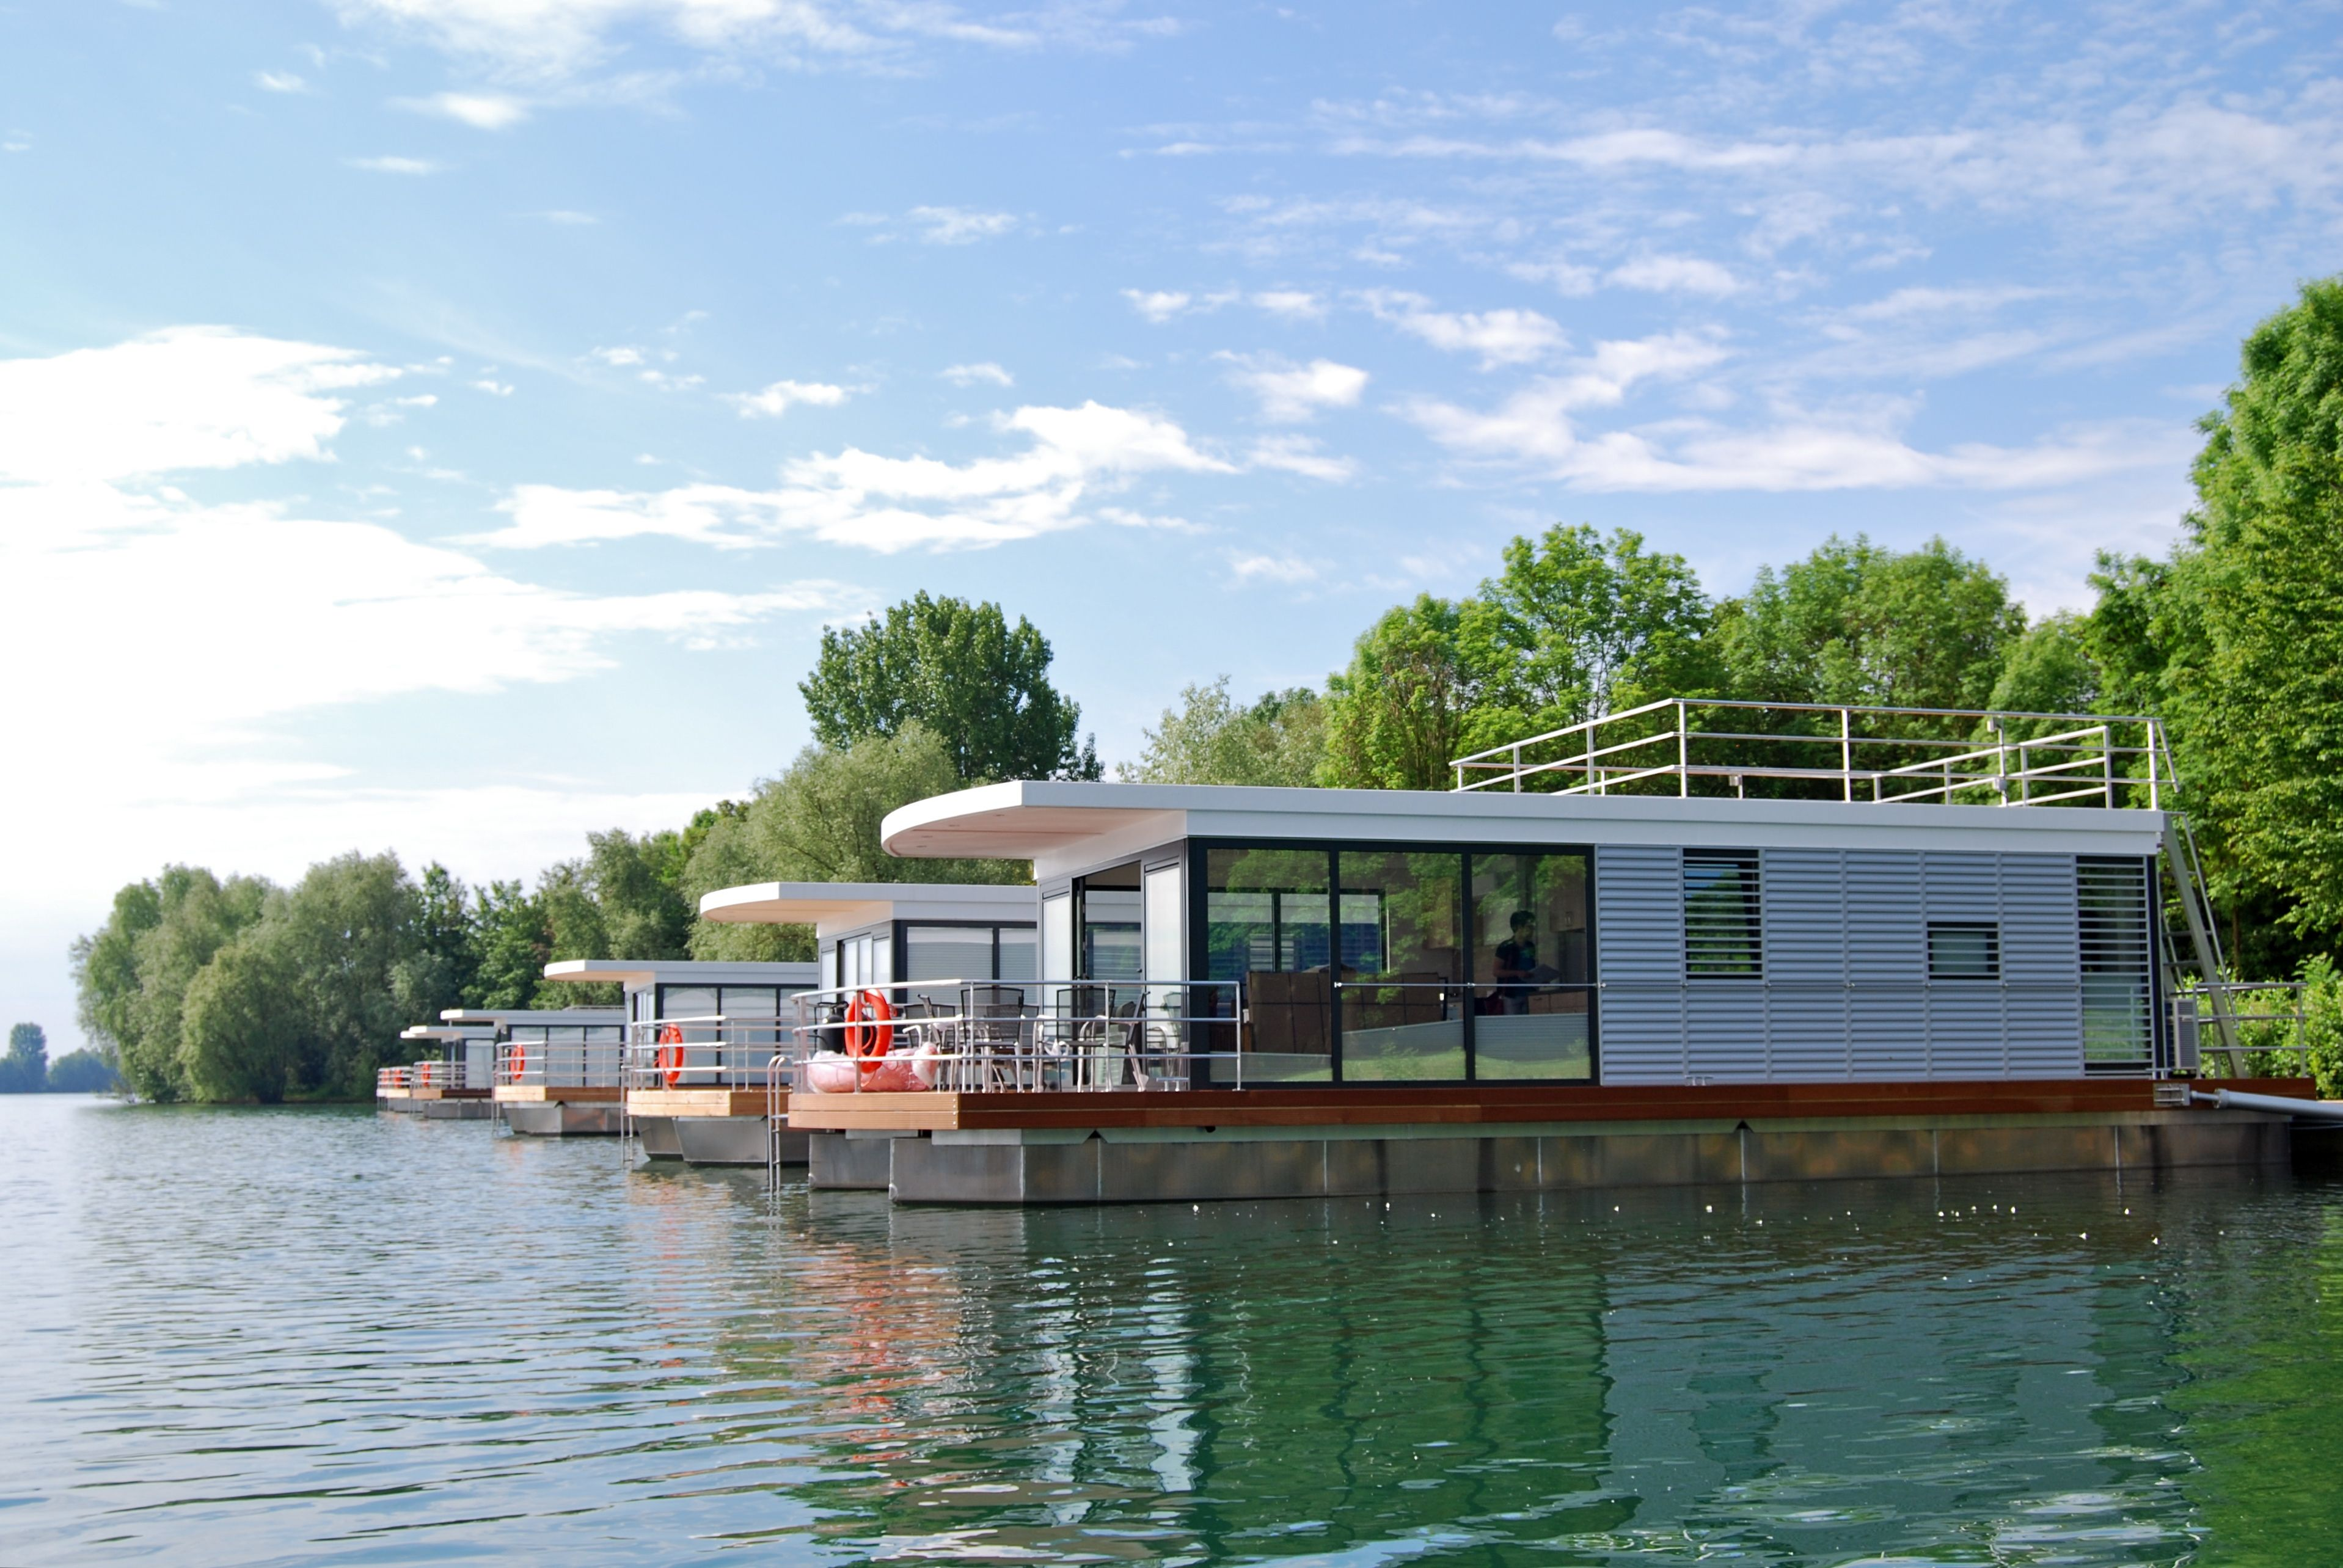 Hausboot Am Rhein Mieten Unsere Hausboote Vom Typ Floating 44 Bieten Platz Fur 4 Personen Hausboot Urlaub Miet Hausboot Kaufen Schwimmende Hauser Hausboot